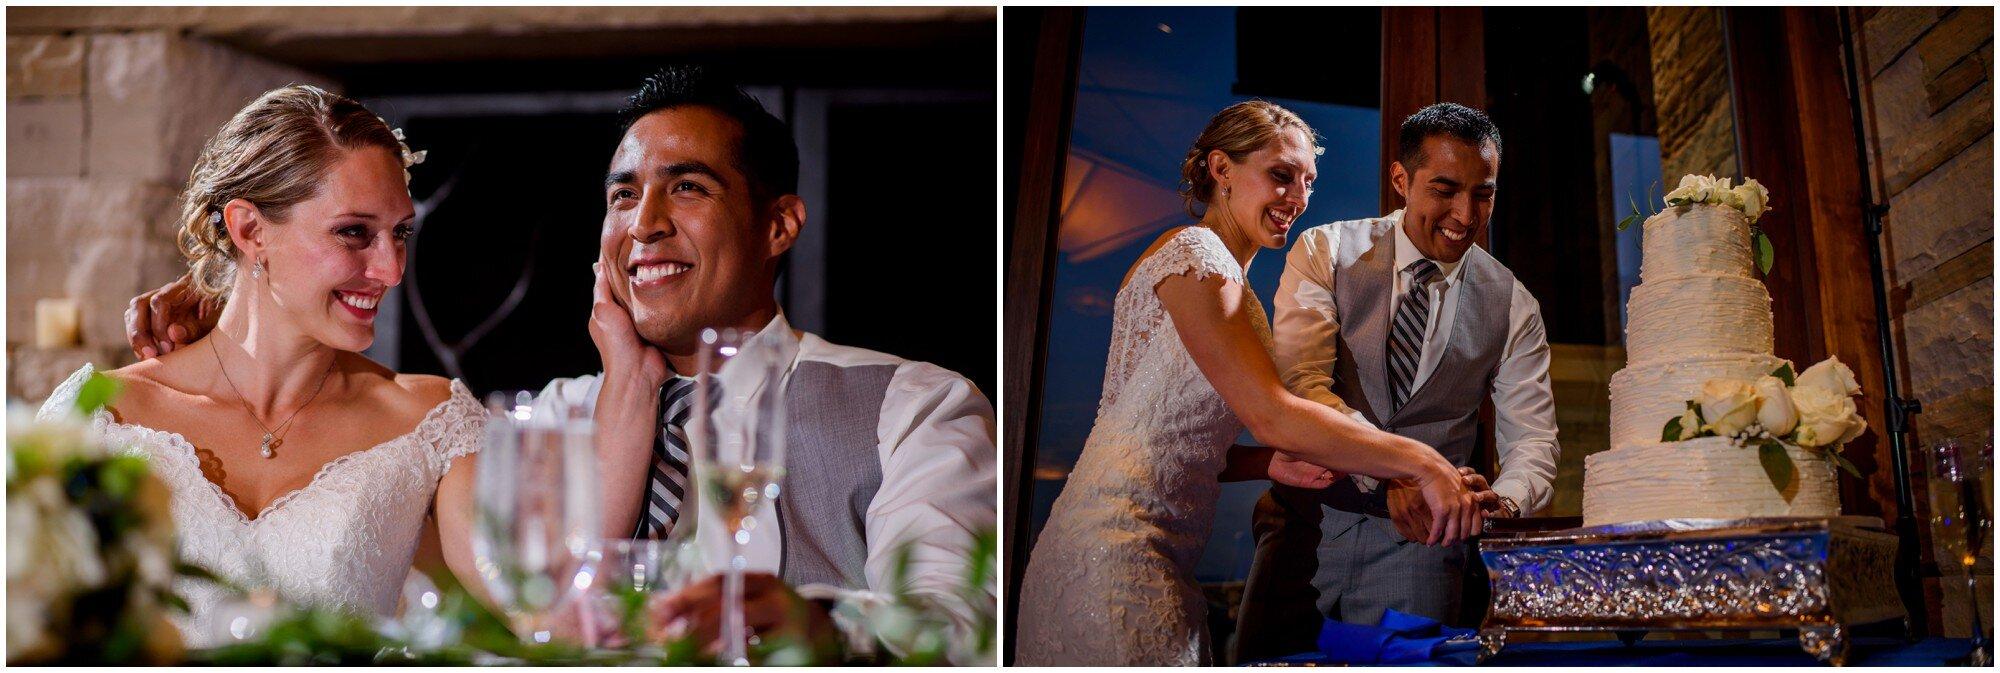 denver wedding pictures